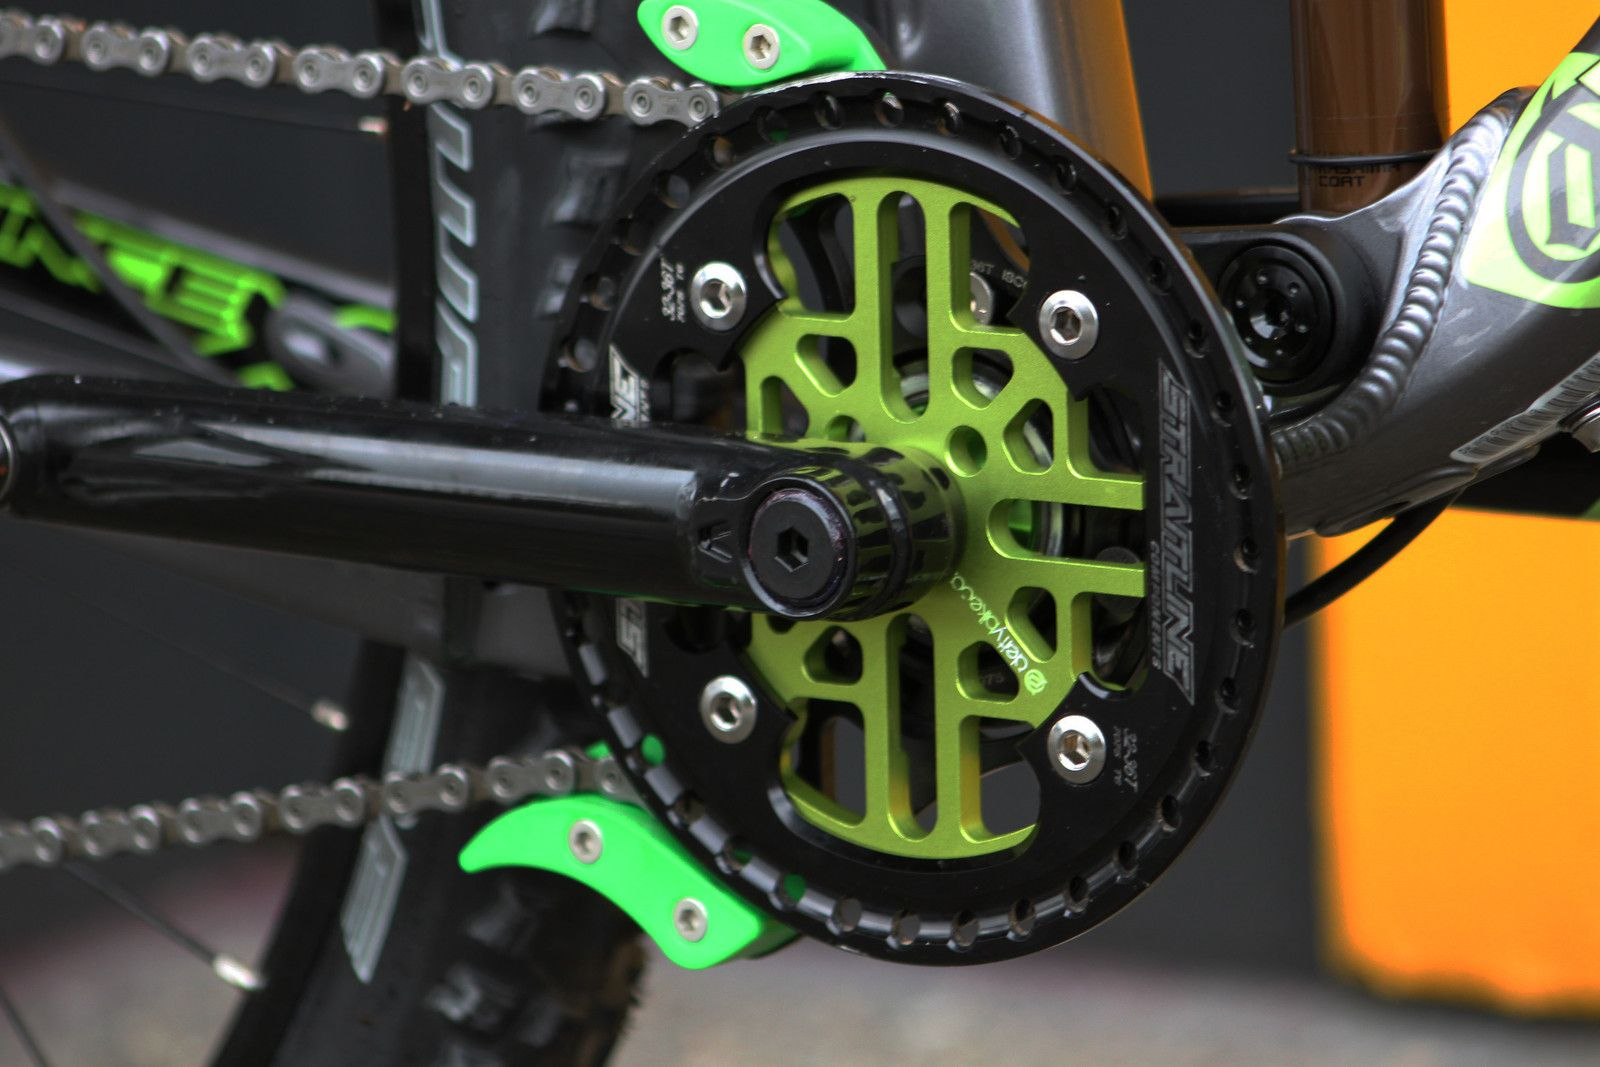 Deity Components Vendetta 3 0 With A 34t Alibi 4b Chainring Fahrrad